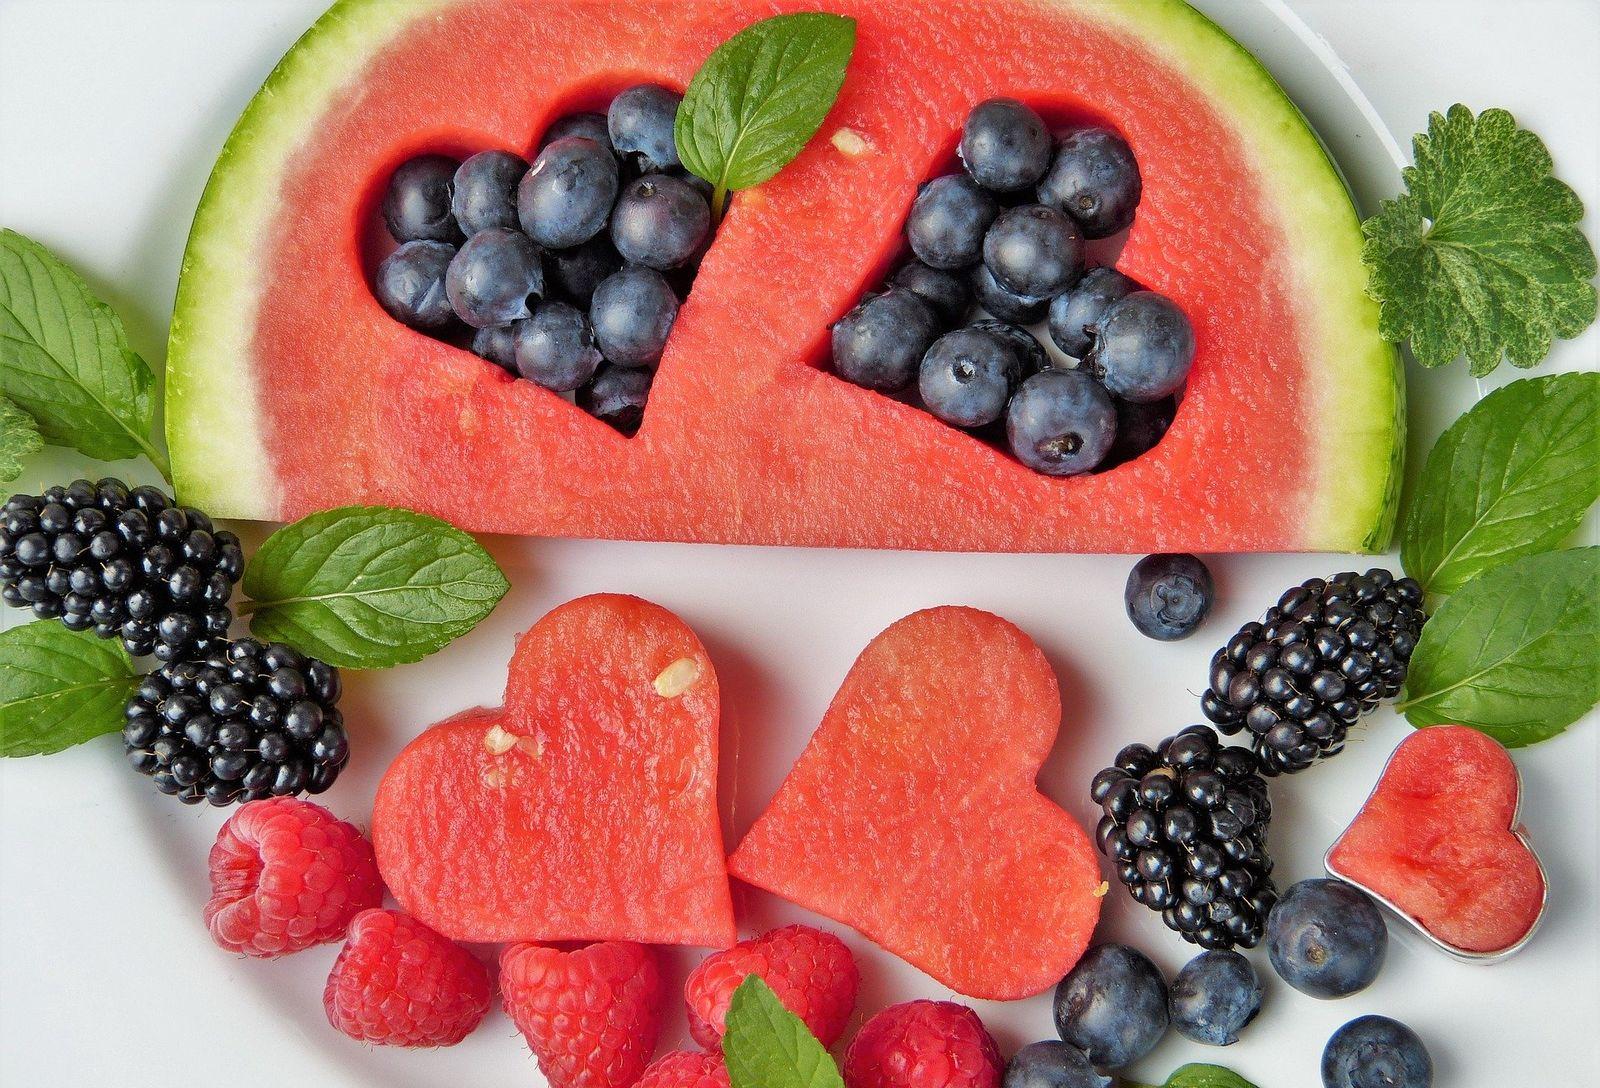 gyümölcs zöldségek a látás javítása érdekében milyen vitaminok vannak a gyenge látáshoz